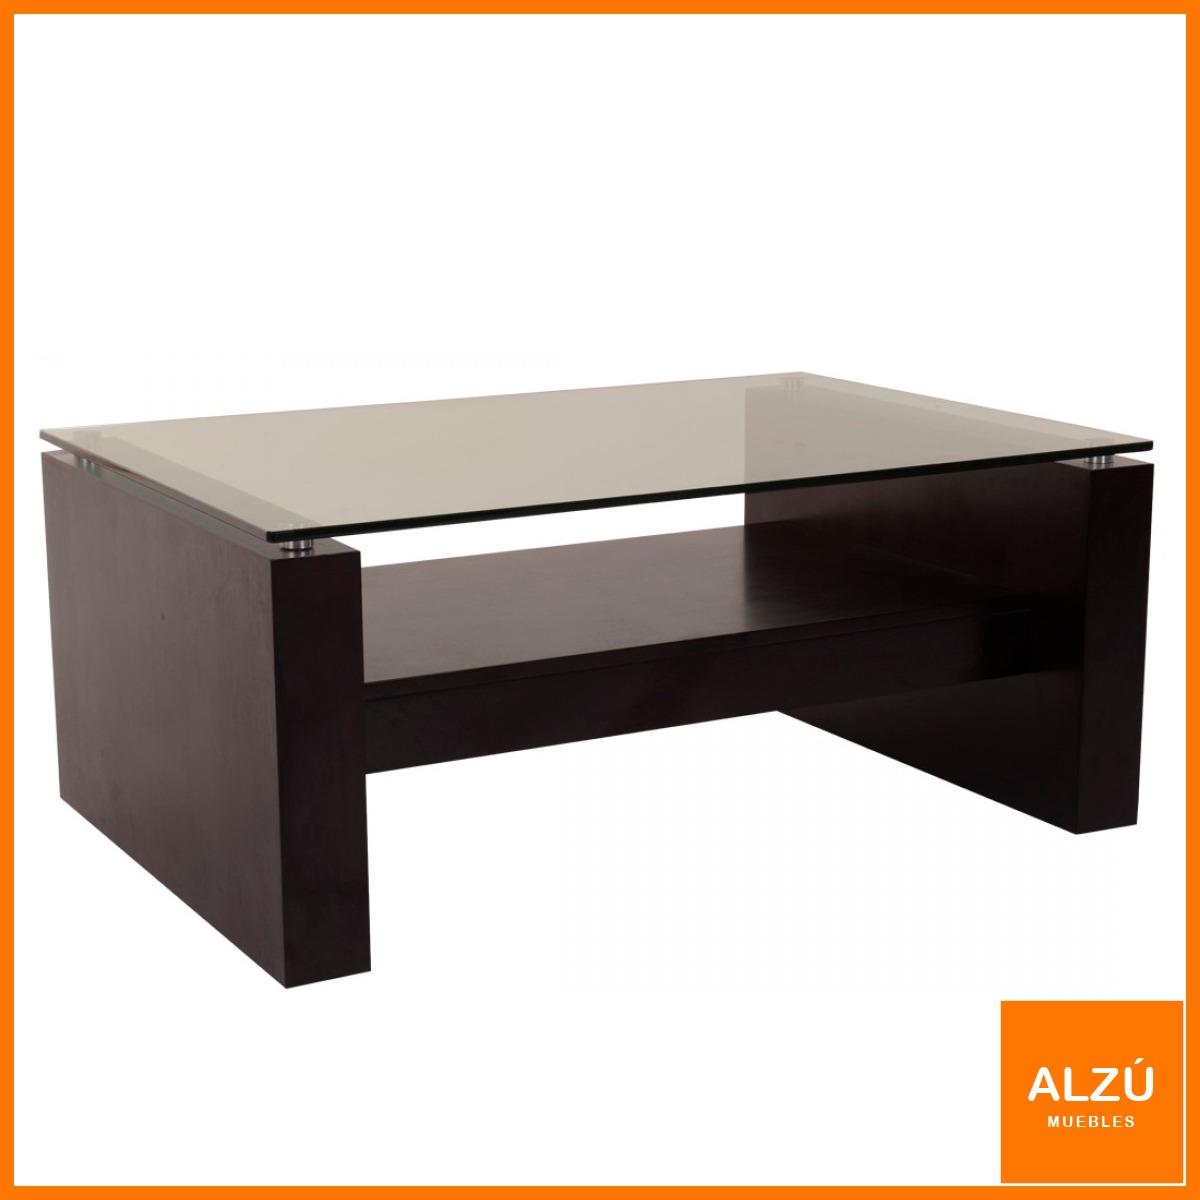 Mesa de centro para sala hay moderna by moble company for Fotos de mesas de centro